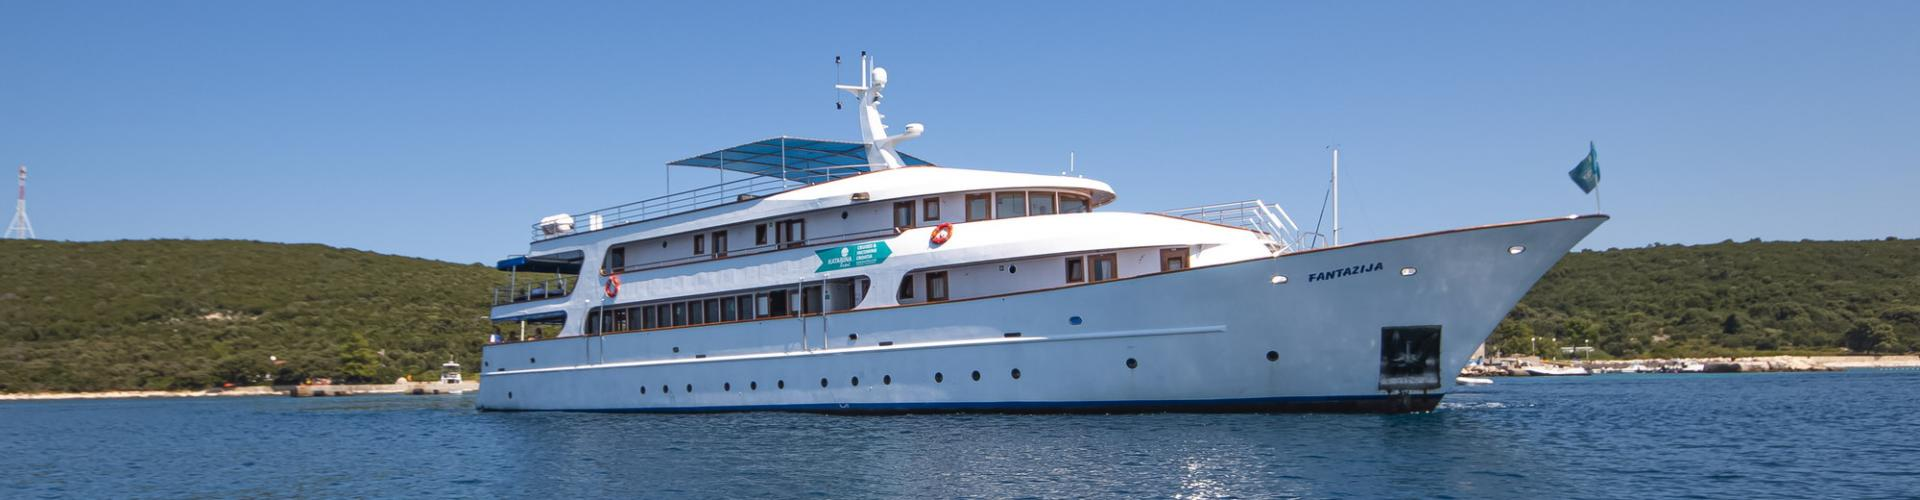 Deluxe nave da crociera MV Fantazija- yacht a motore